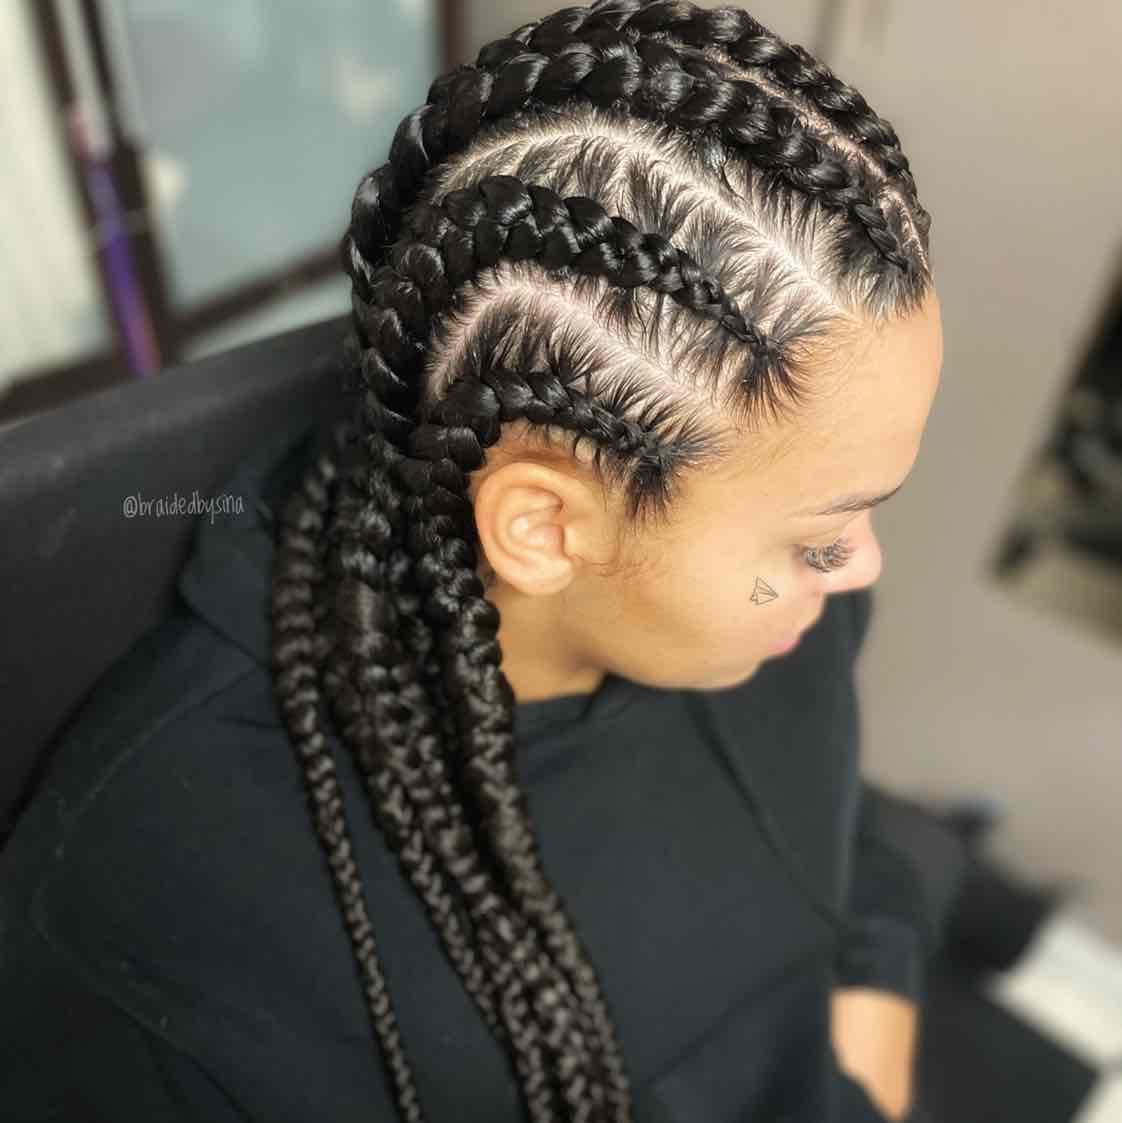 salon de coiffure afro tresse tresses box braids crochet braids vanilles tissages paris 75 77 78 91 92 93 94 95 KXZKDPJC